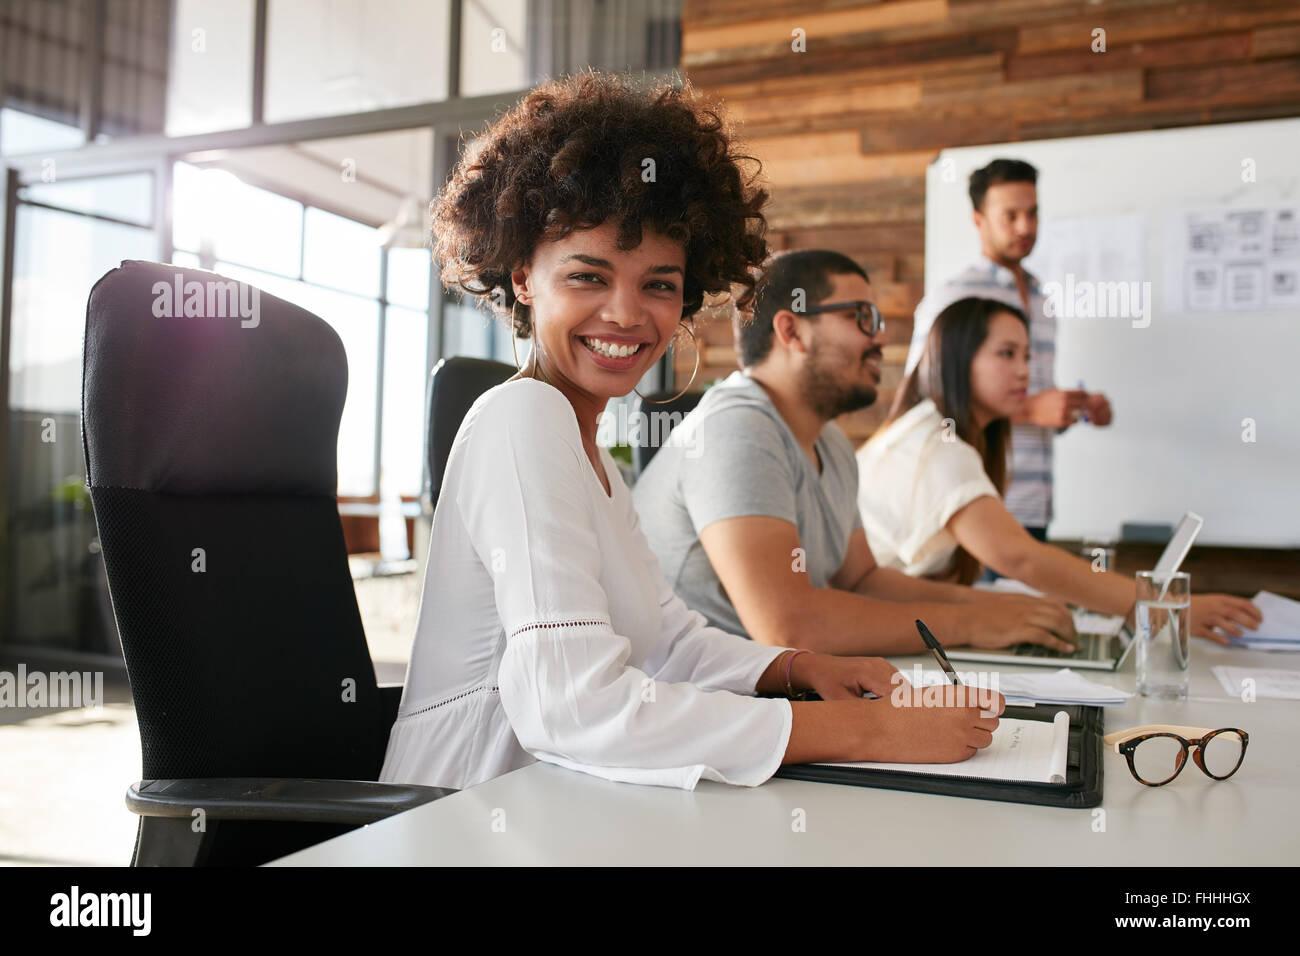 Ritratto di felice giovane donna africana seduta a una presentazione aziendale con i colleghi in sala riunioni. Immagini Stock